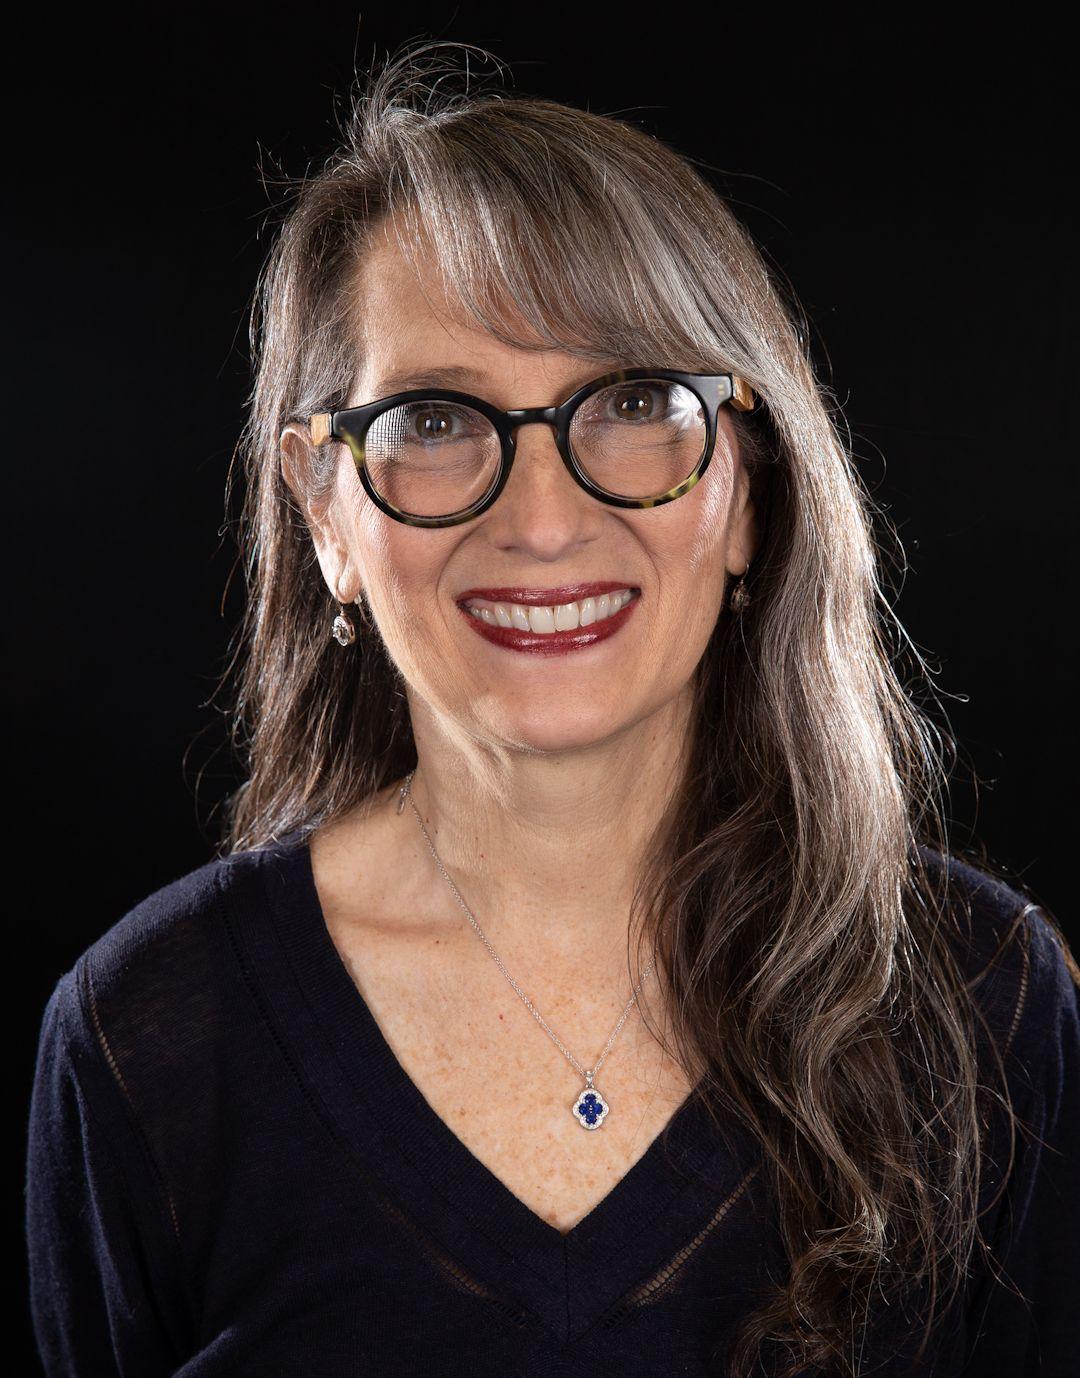 Lisa Voegeli